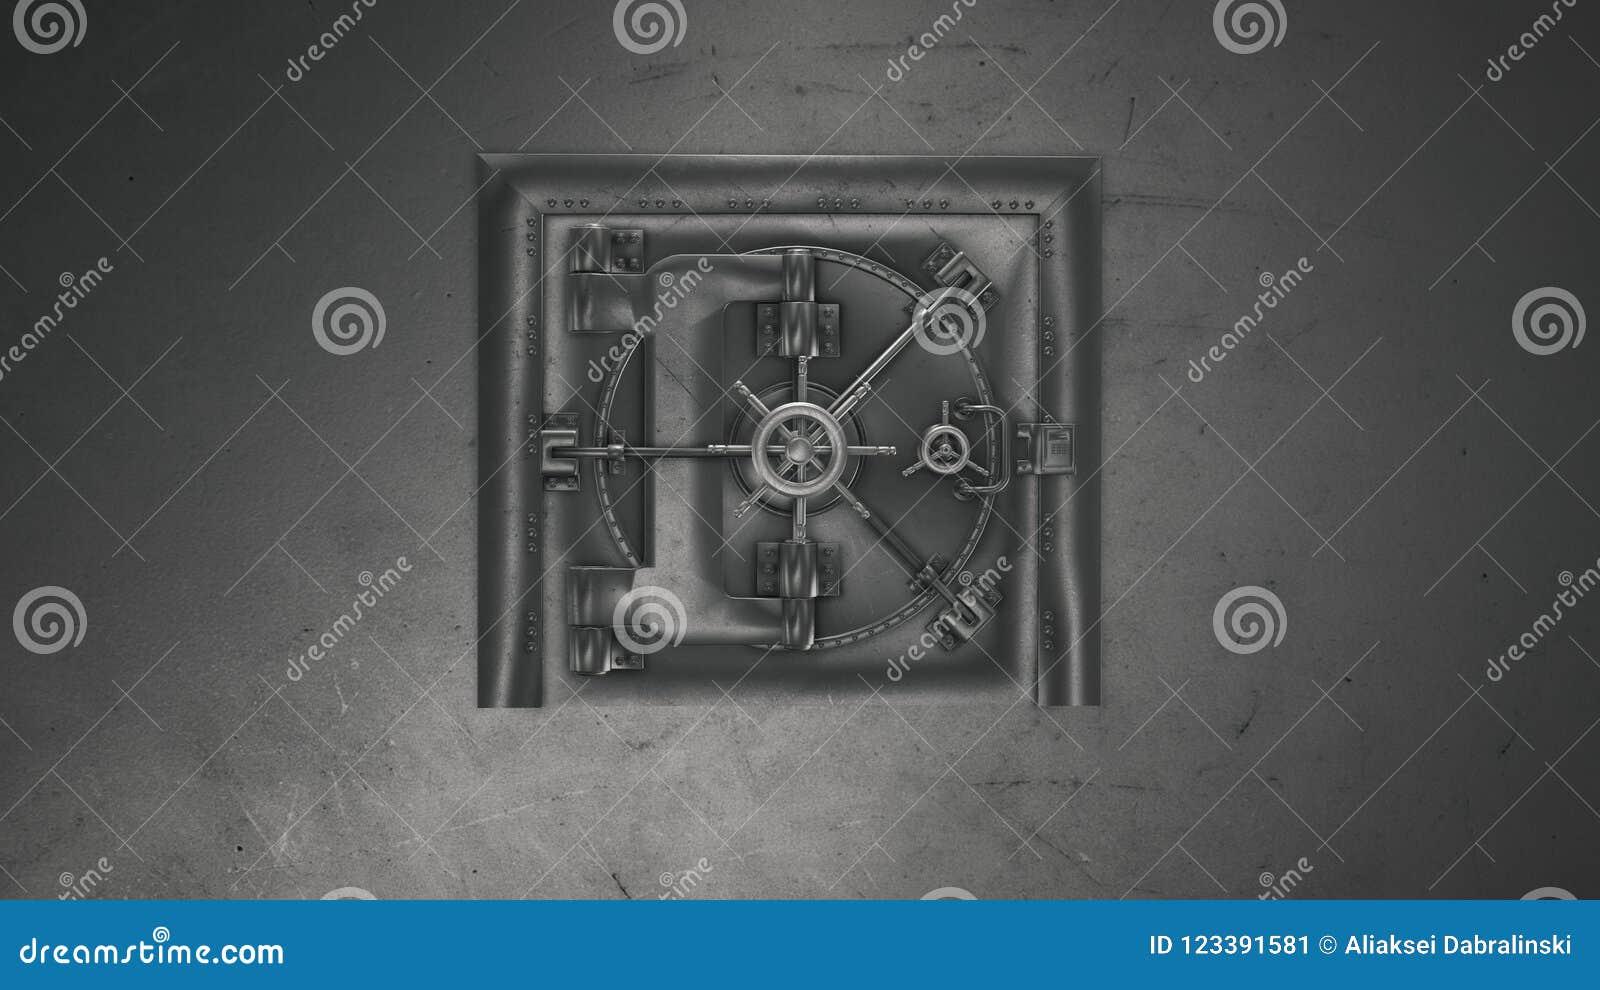 τρισδιάστατος δώστε τον υπόγειο θάλαμο τράπεζας και το χρηματοκιβώτιο ανοίγματος